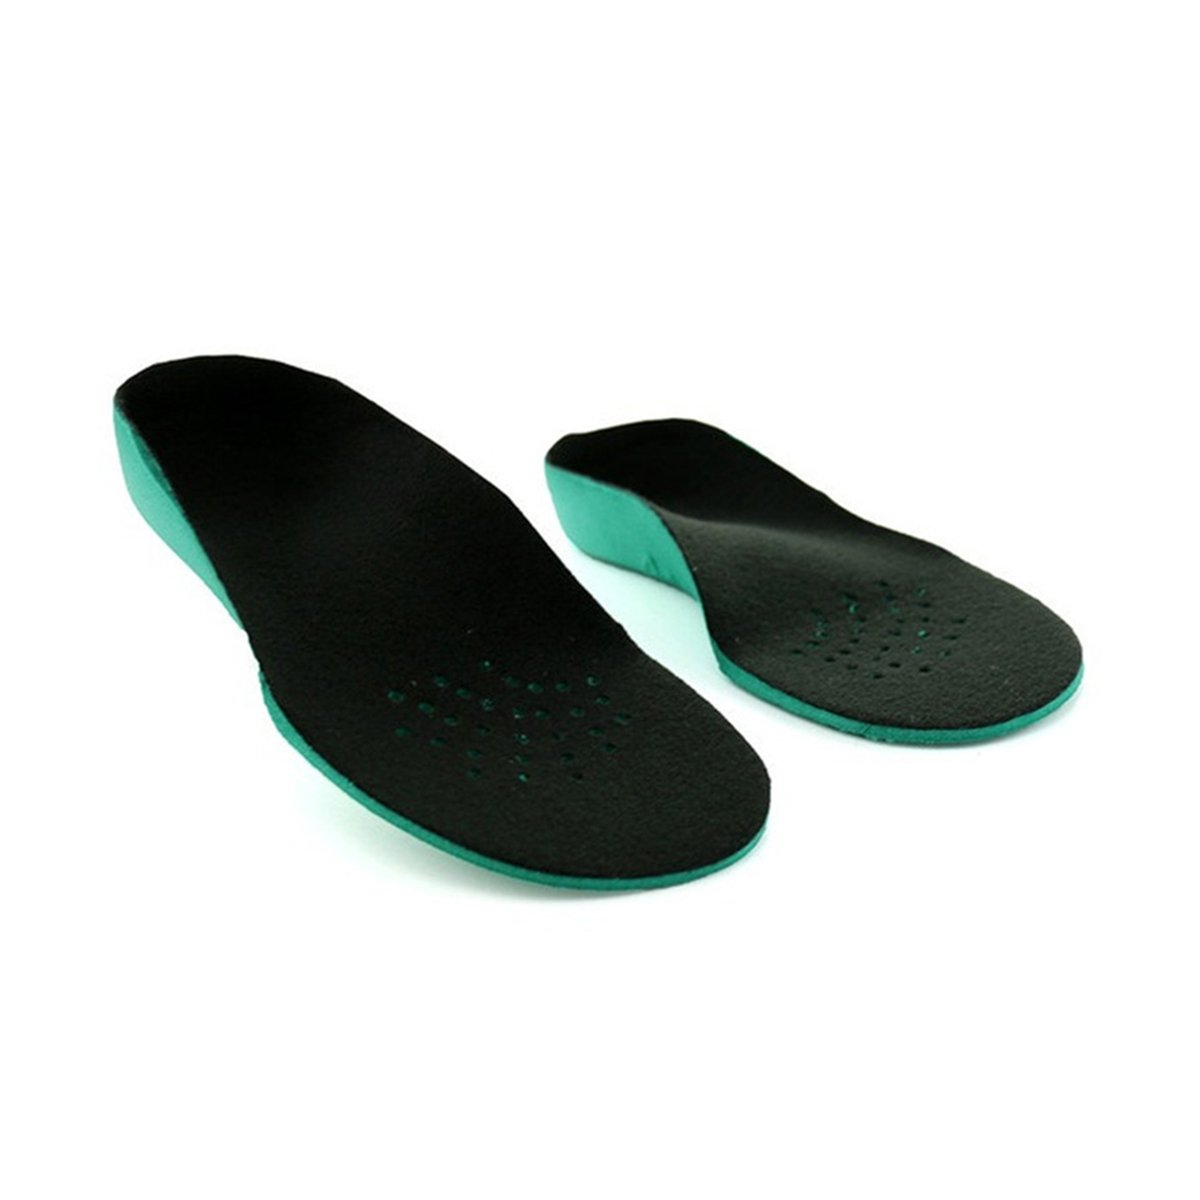 Healifty enfants Semelles orthopédiques Semelles à chaussures Coussinets de pied plat Correction Taille 26–28